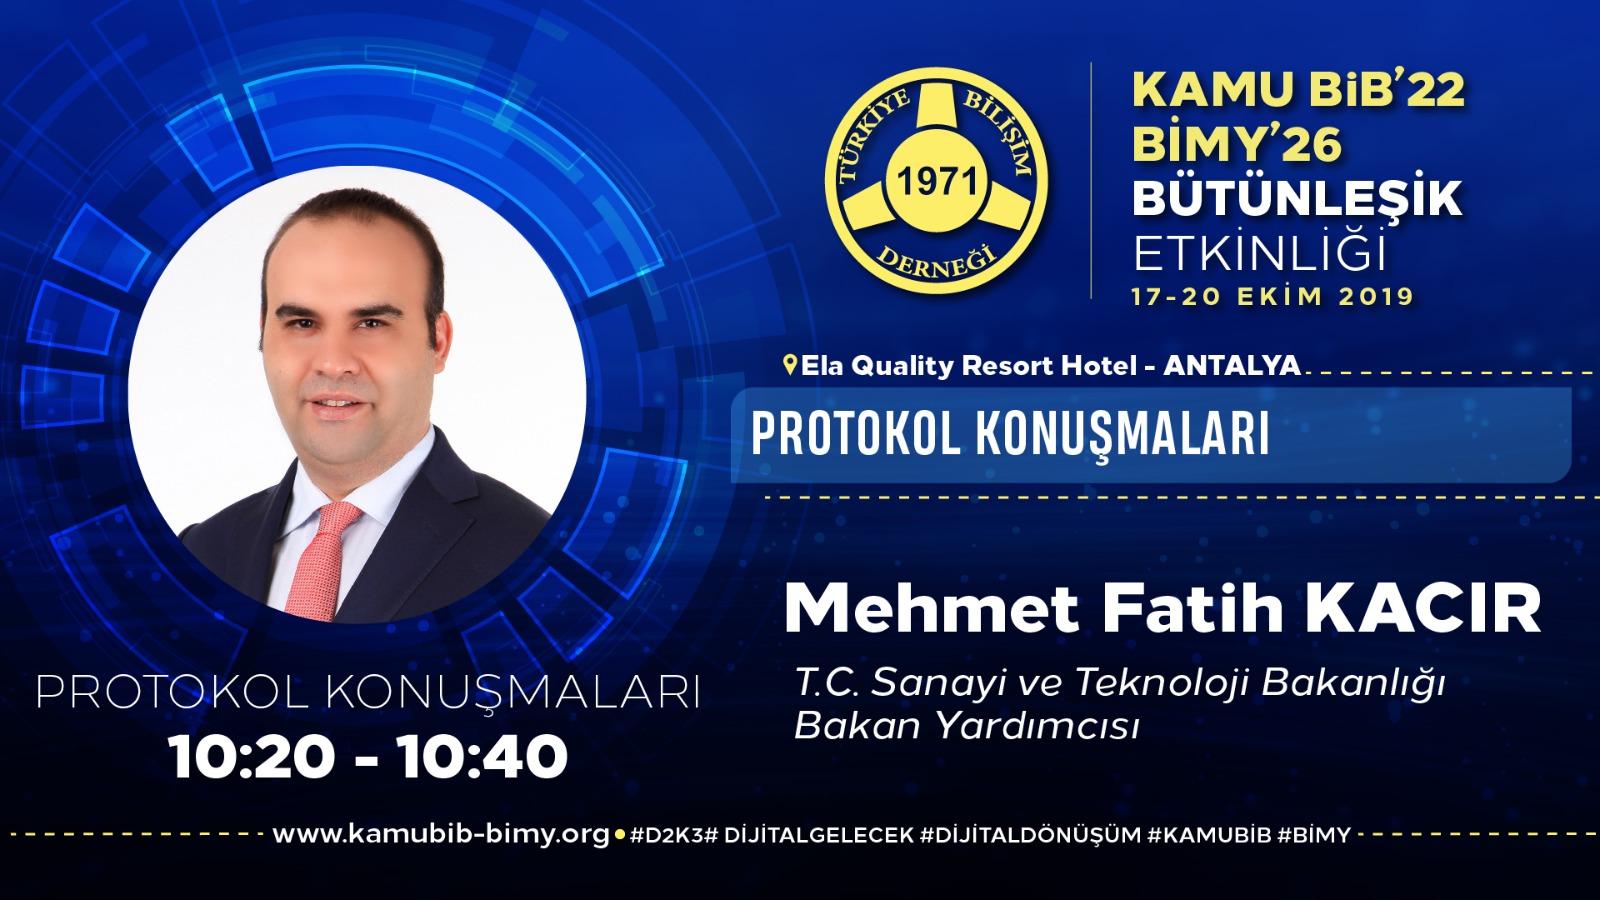 Mehmet Fatih KACIR - KamuBİB'22 BİMY'26